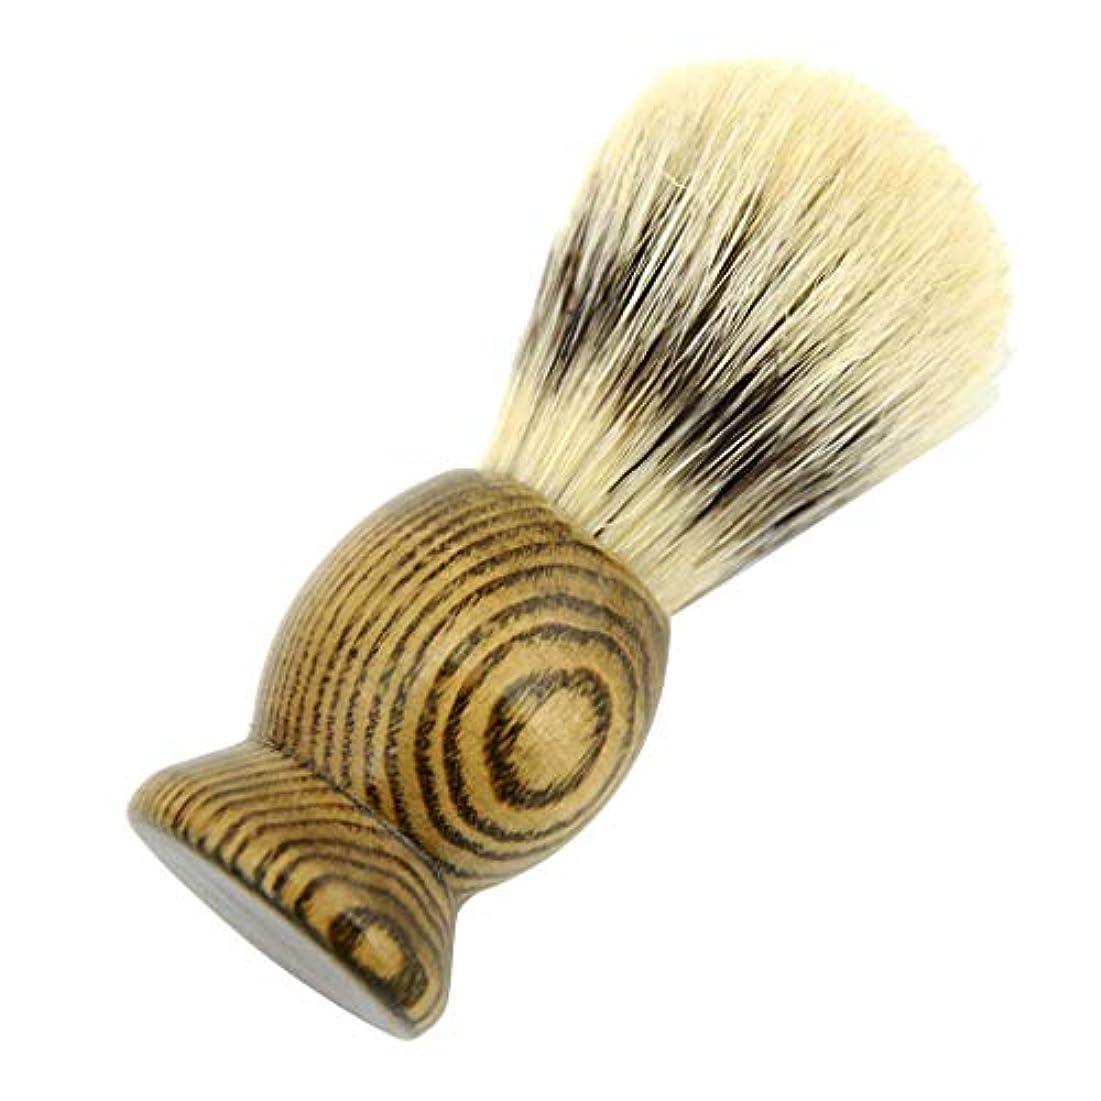 混乱ノーブルポジションsharprepublic ひげブラシ メンズ シェービングブラシ 髭剃り 理容 洗顔 ポータブルひげ剃り美容ツール